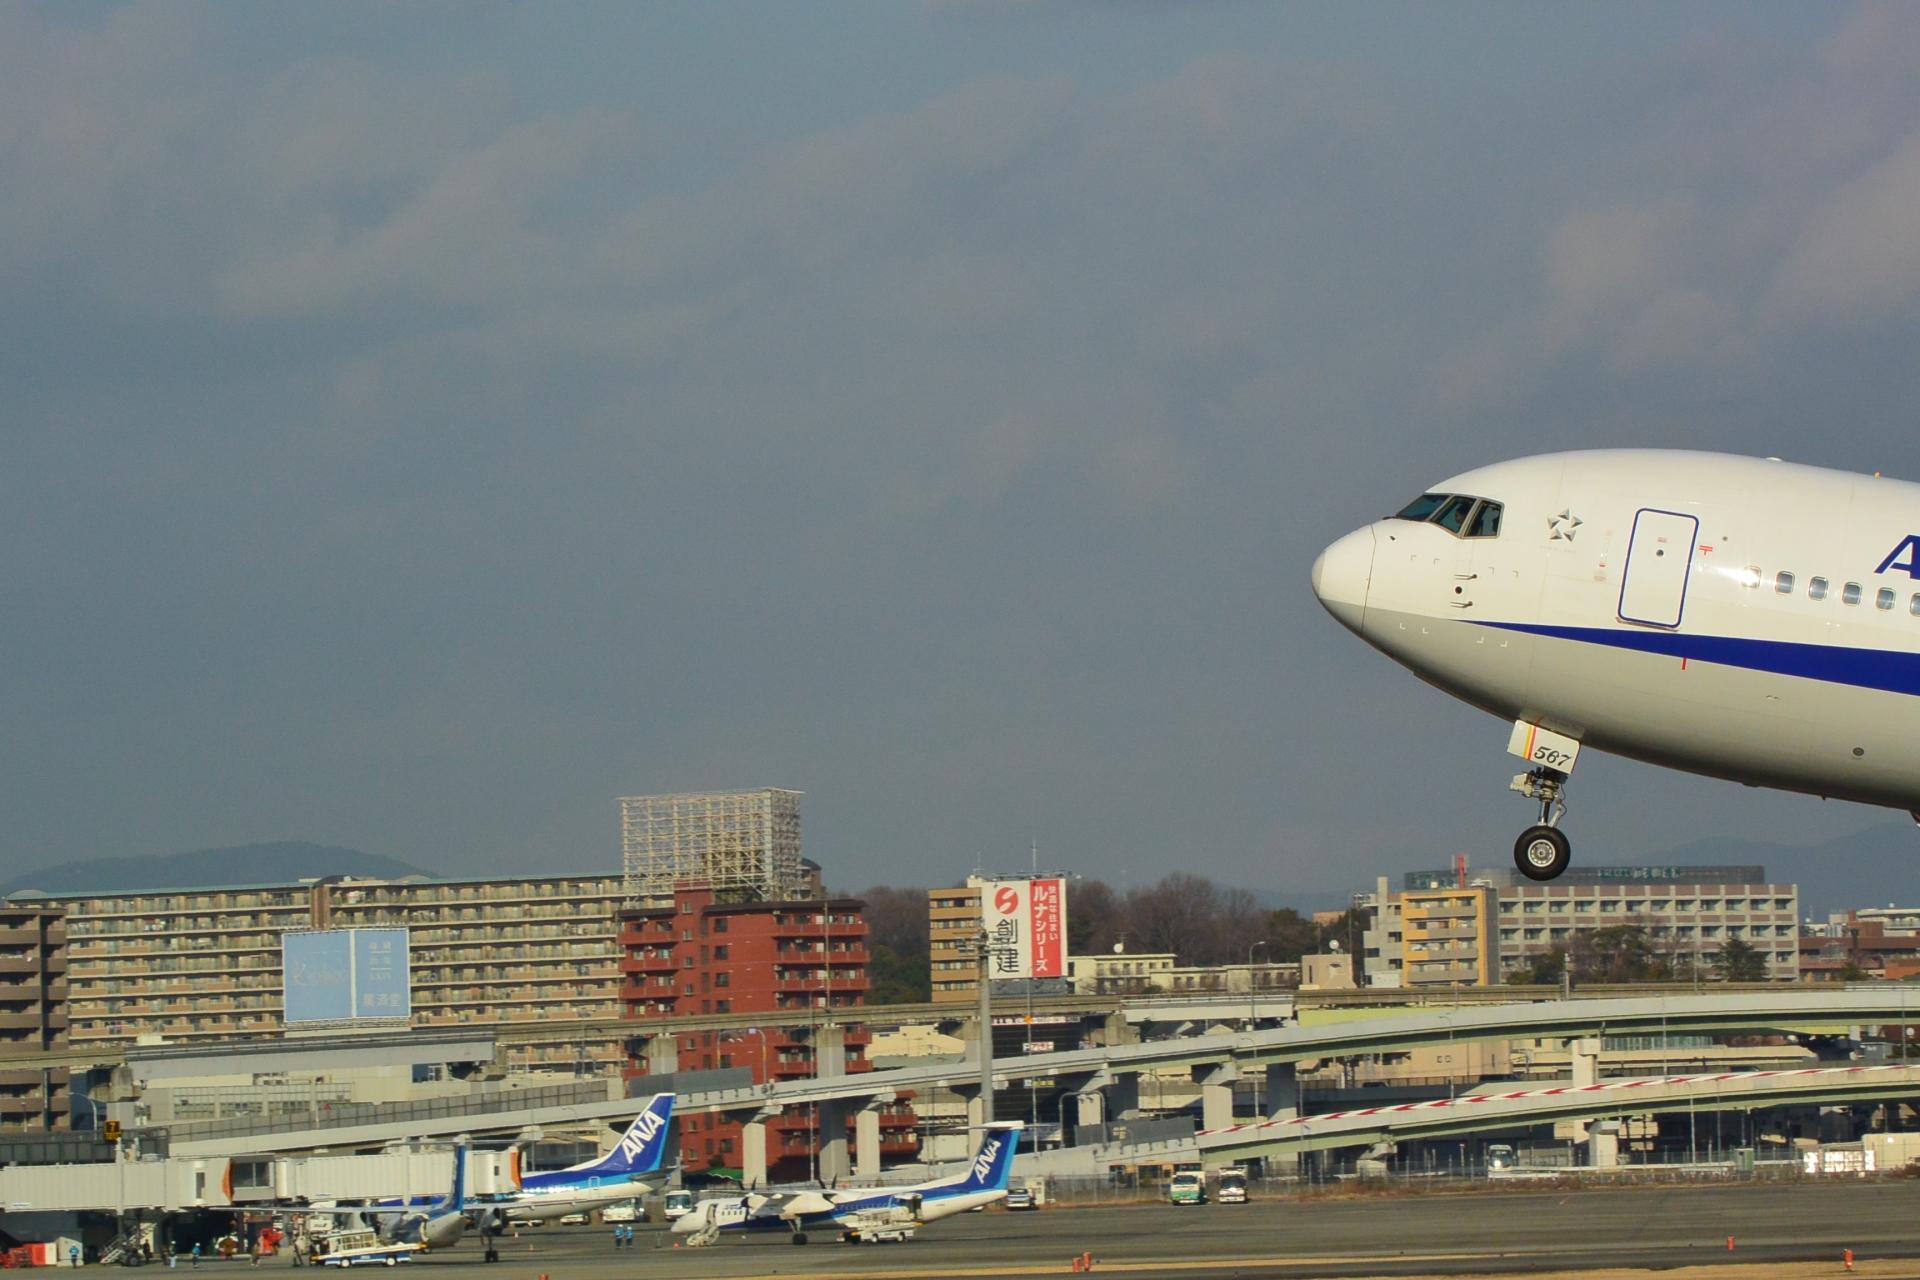 全日空ANA・SKY・WEBとANAマイレージクラブ、マイレージ事後登録や国際線の座席や運行状況